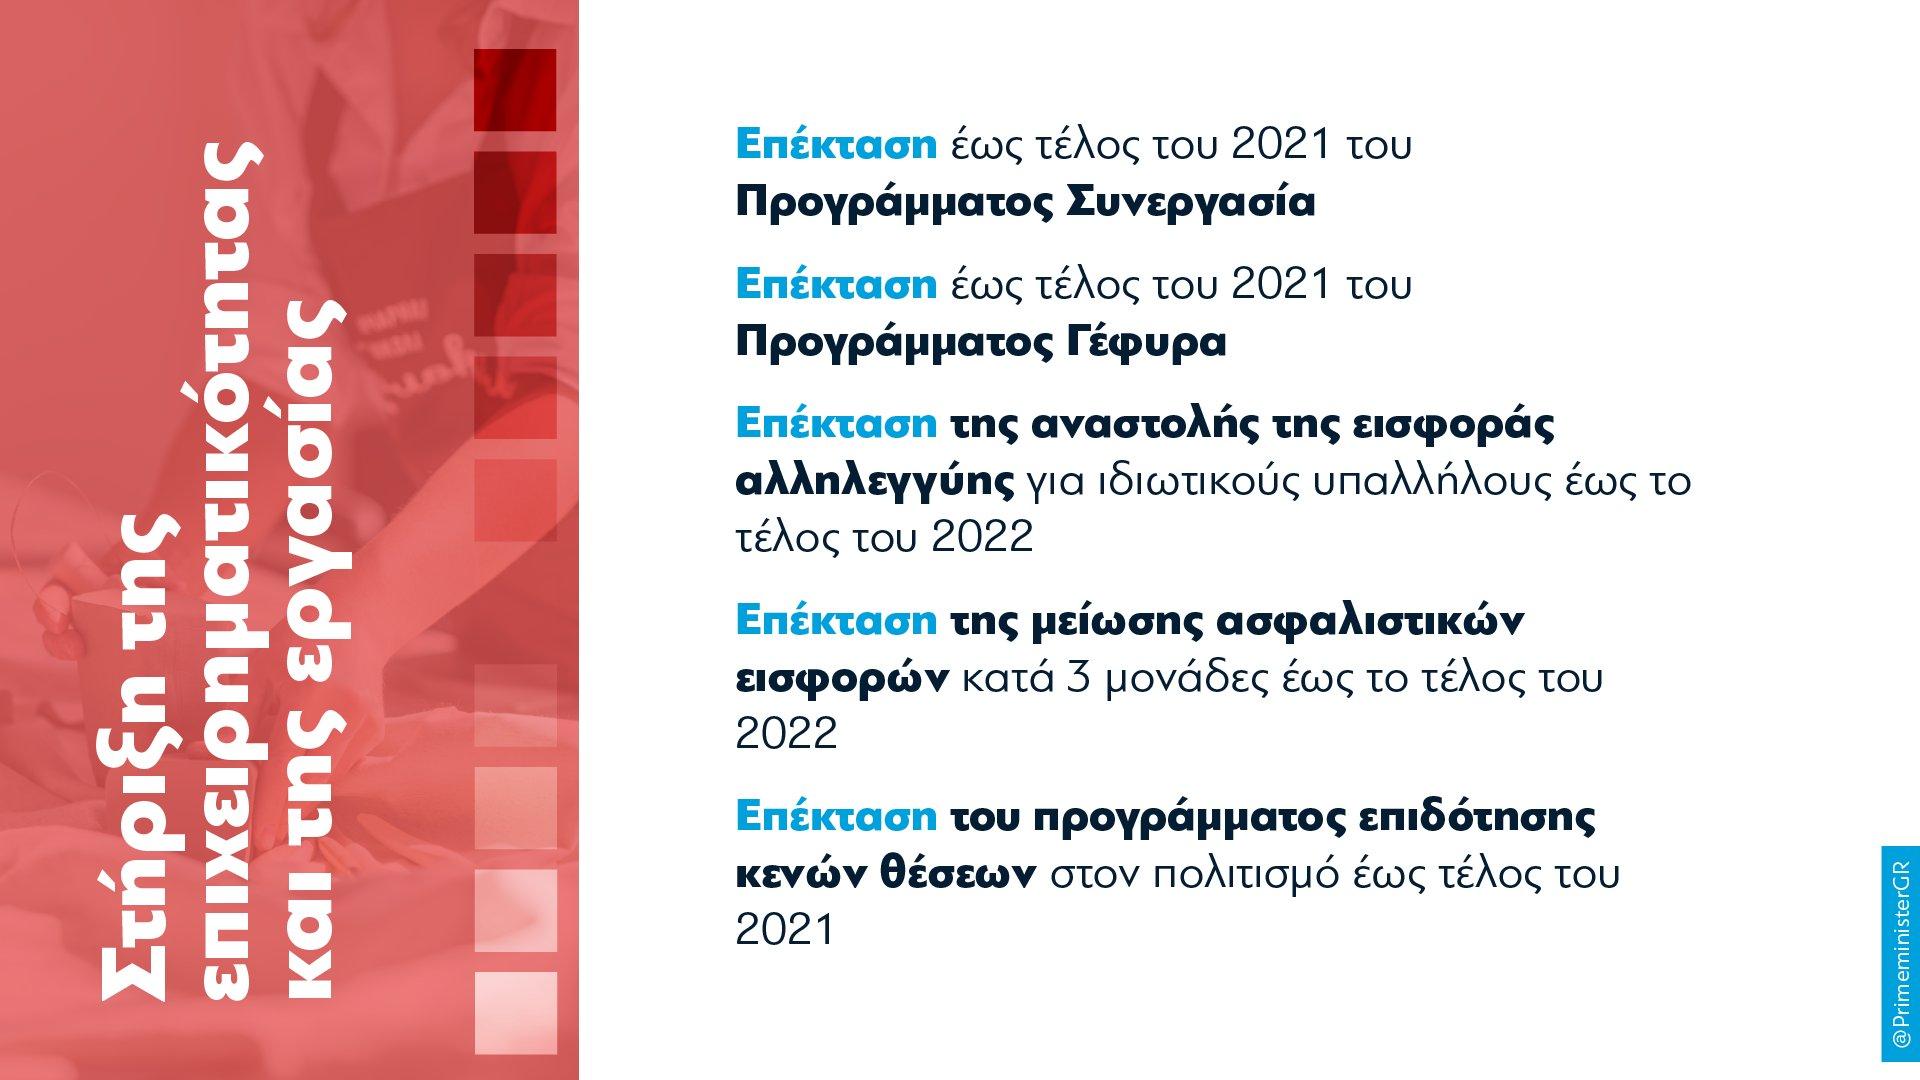 Κυρ. Μητσοτάκης-85η ΔΕΘ: «Η στήριξή μας στον κόσμο της εργασίας και σε ολόκληρη την κοινωνία δεν σταματάει. Αλλά επεκτείνεται»